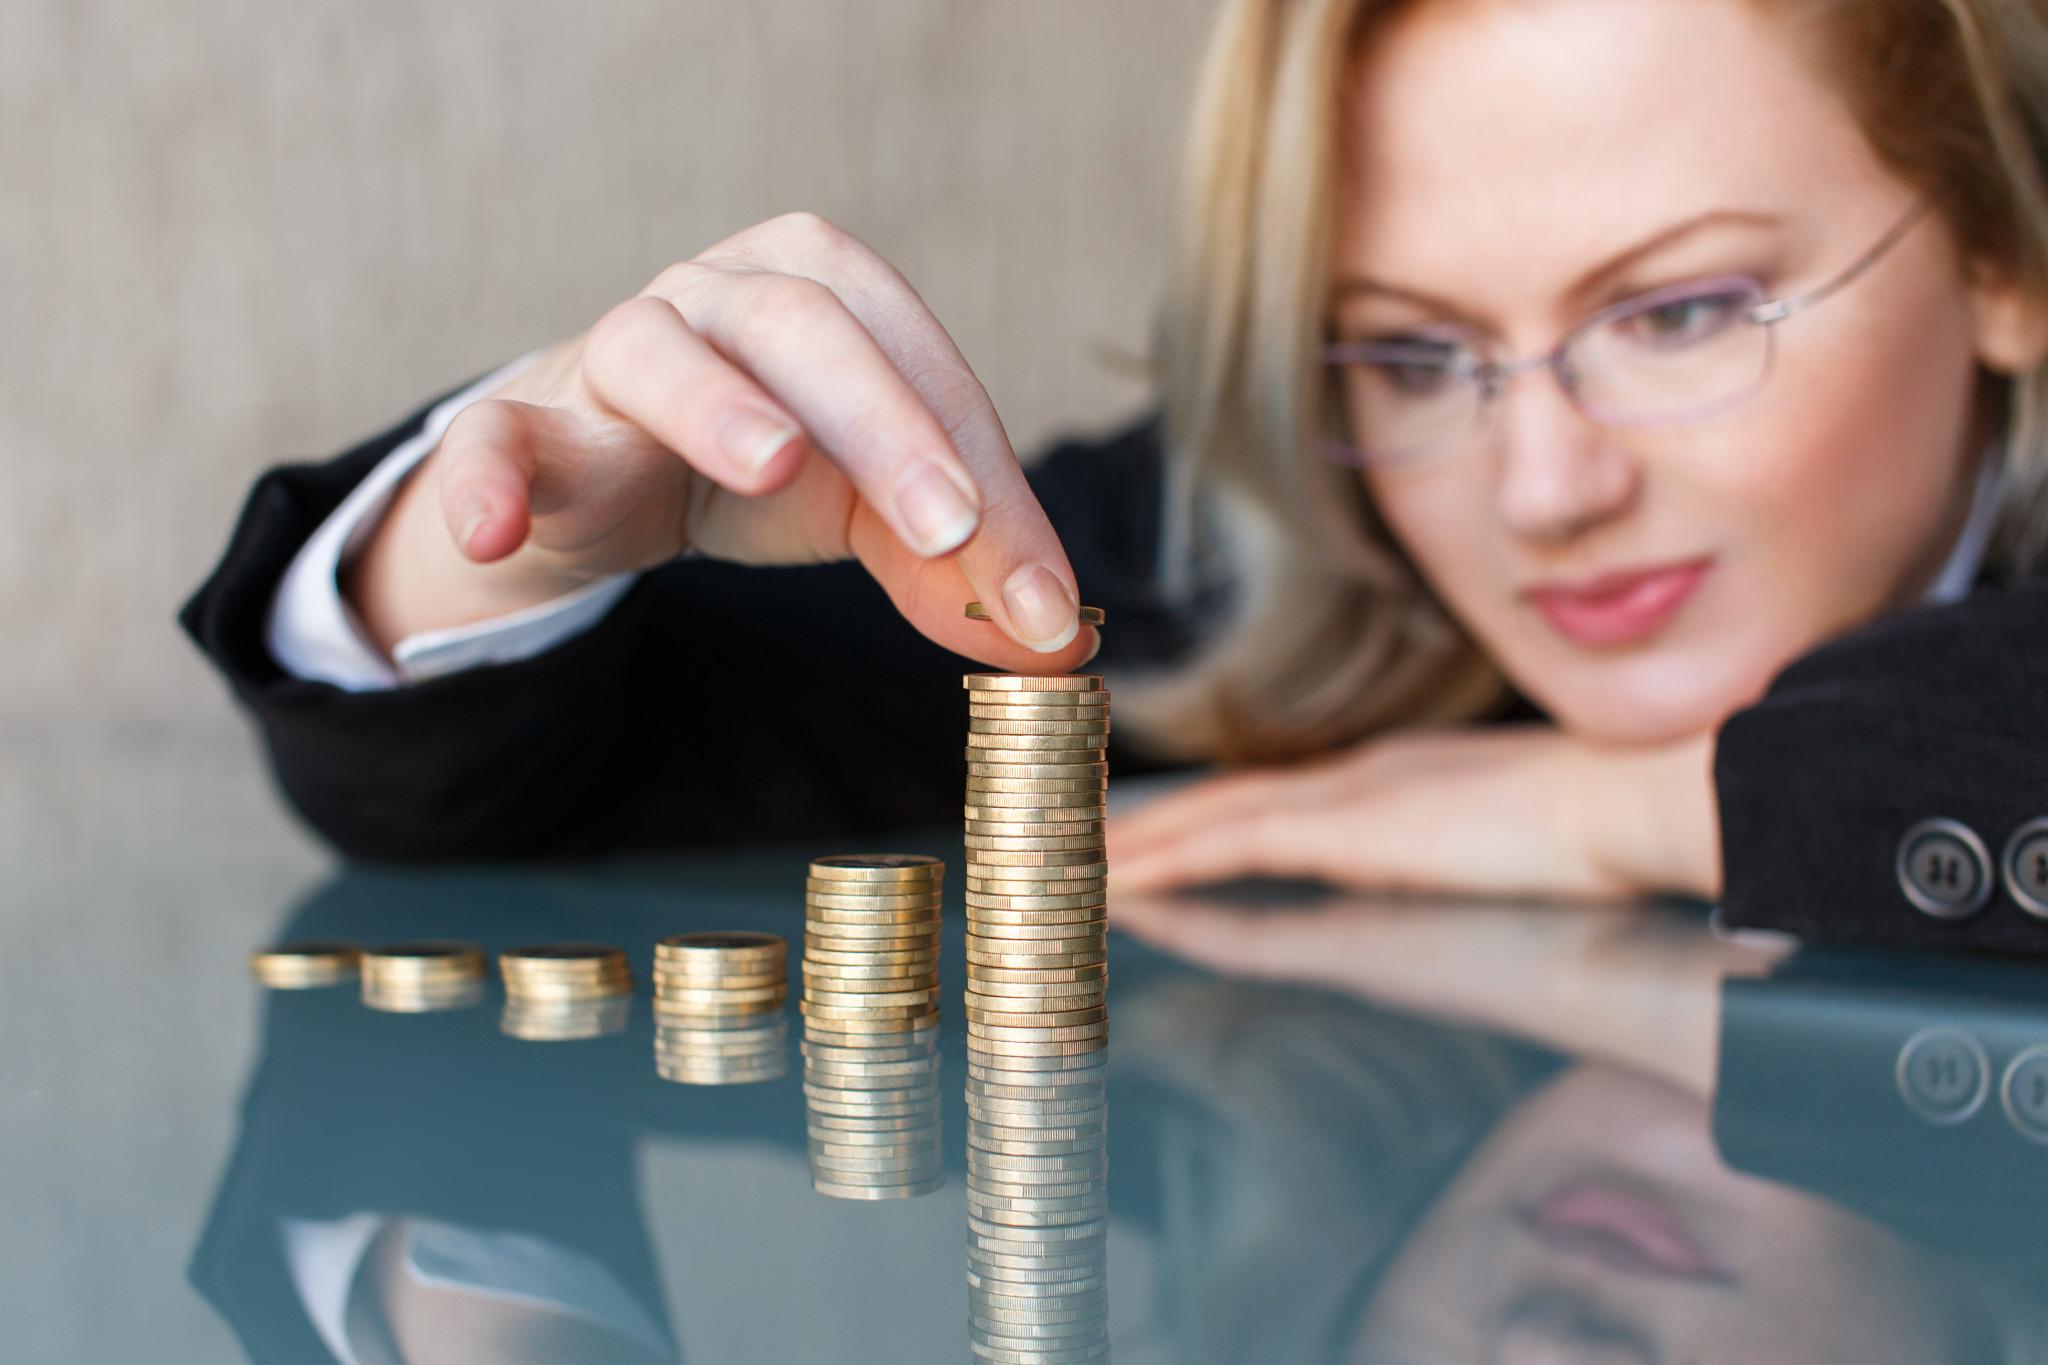 Как рассчитать пенсию 2016 как рассчитать пенсию по пенсионным баллам калькулятор